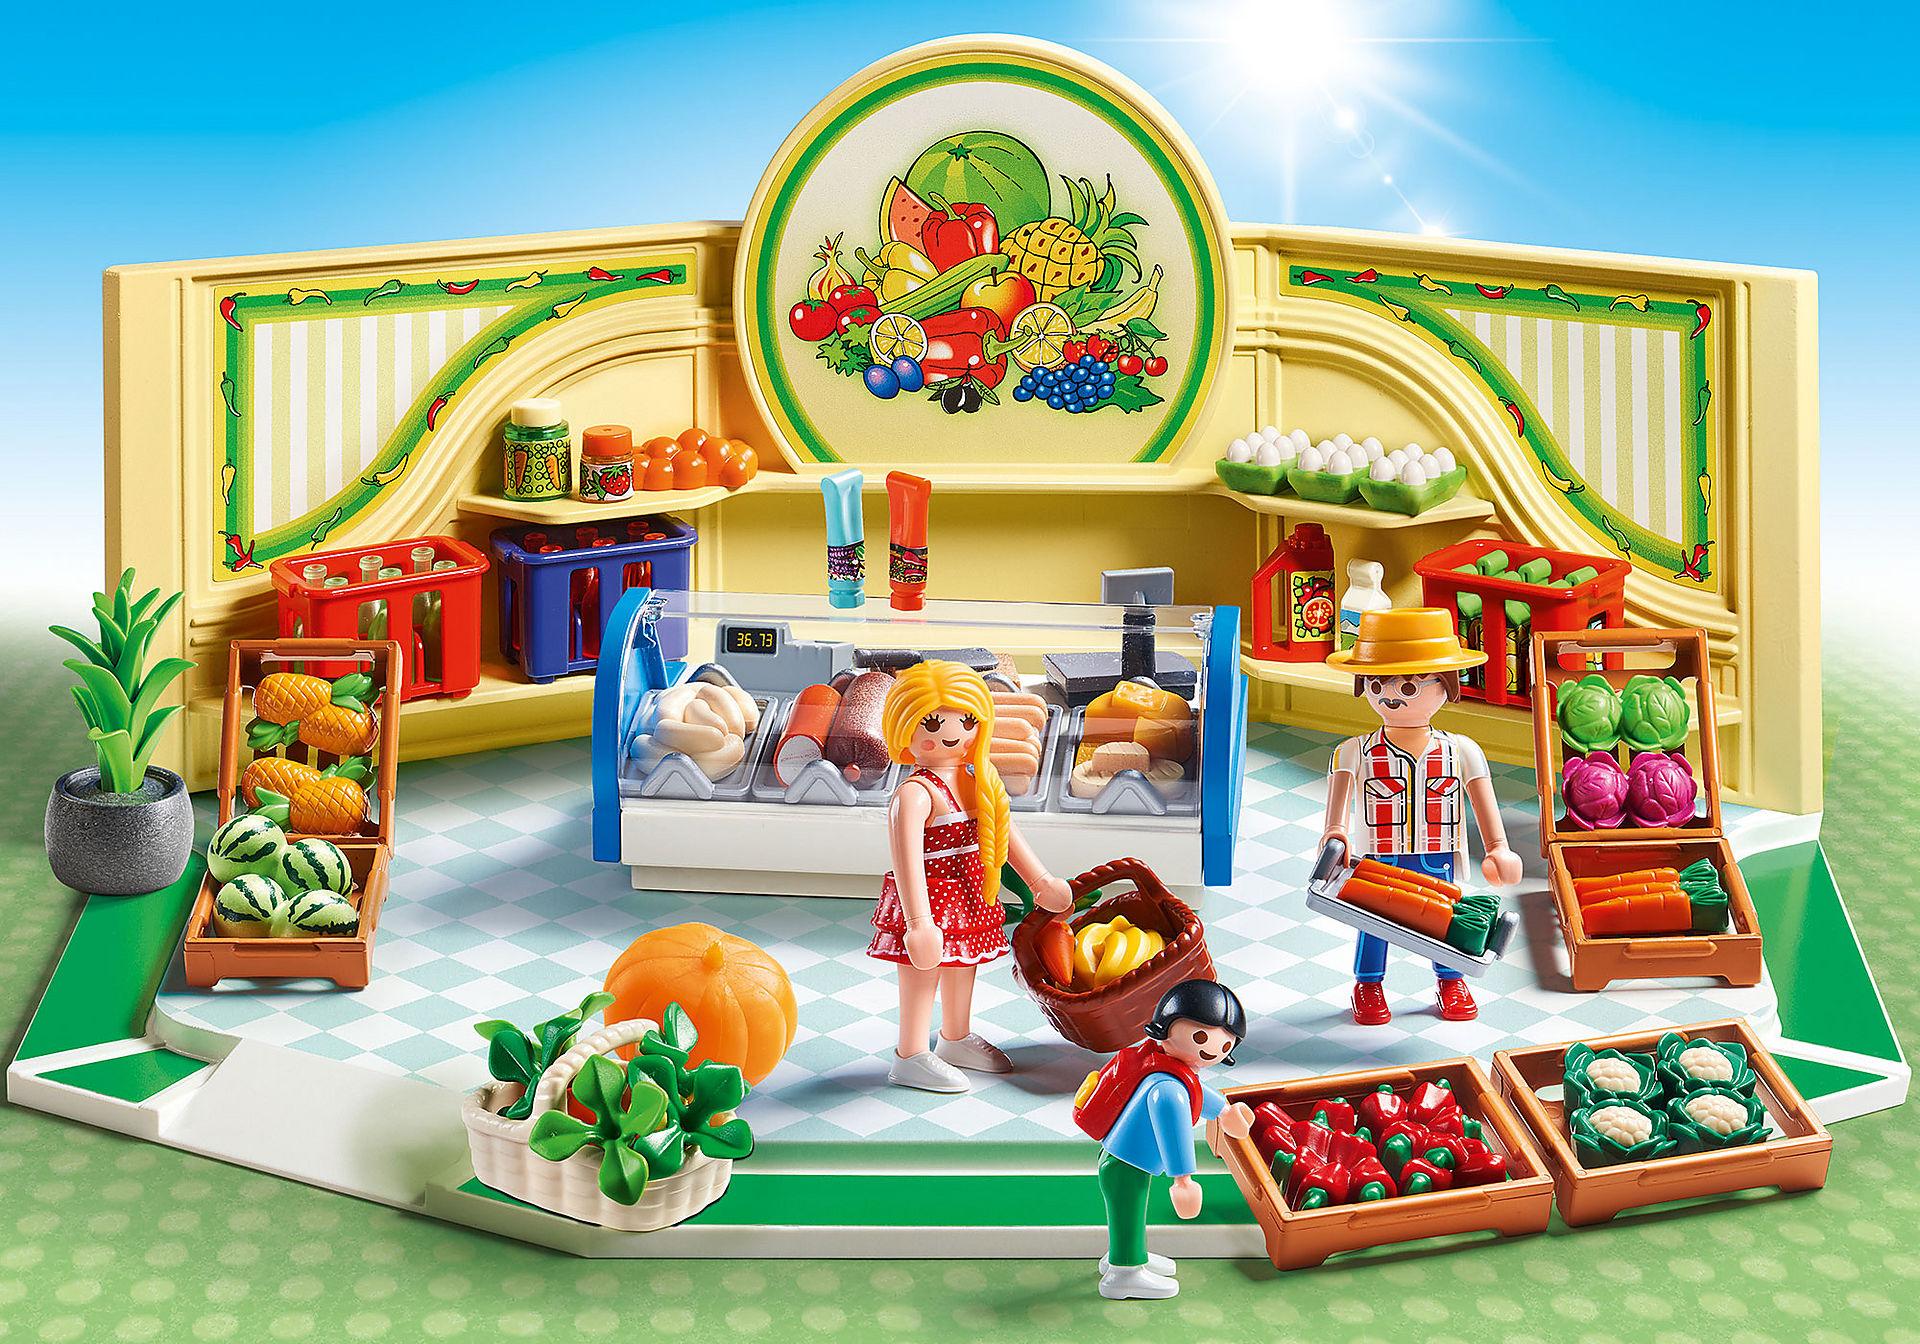 9403 Tienda de Frutas y Verduras zoom image1